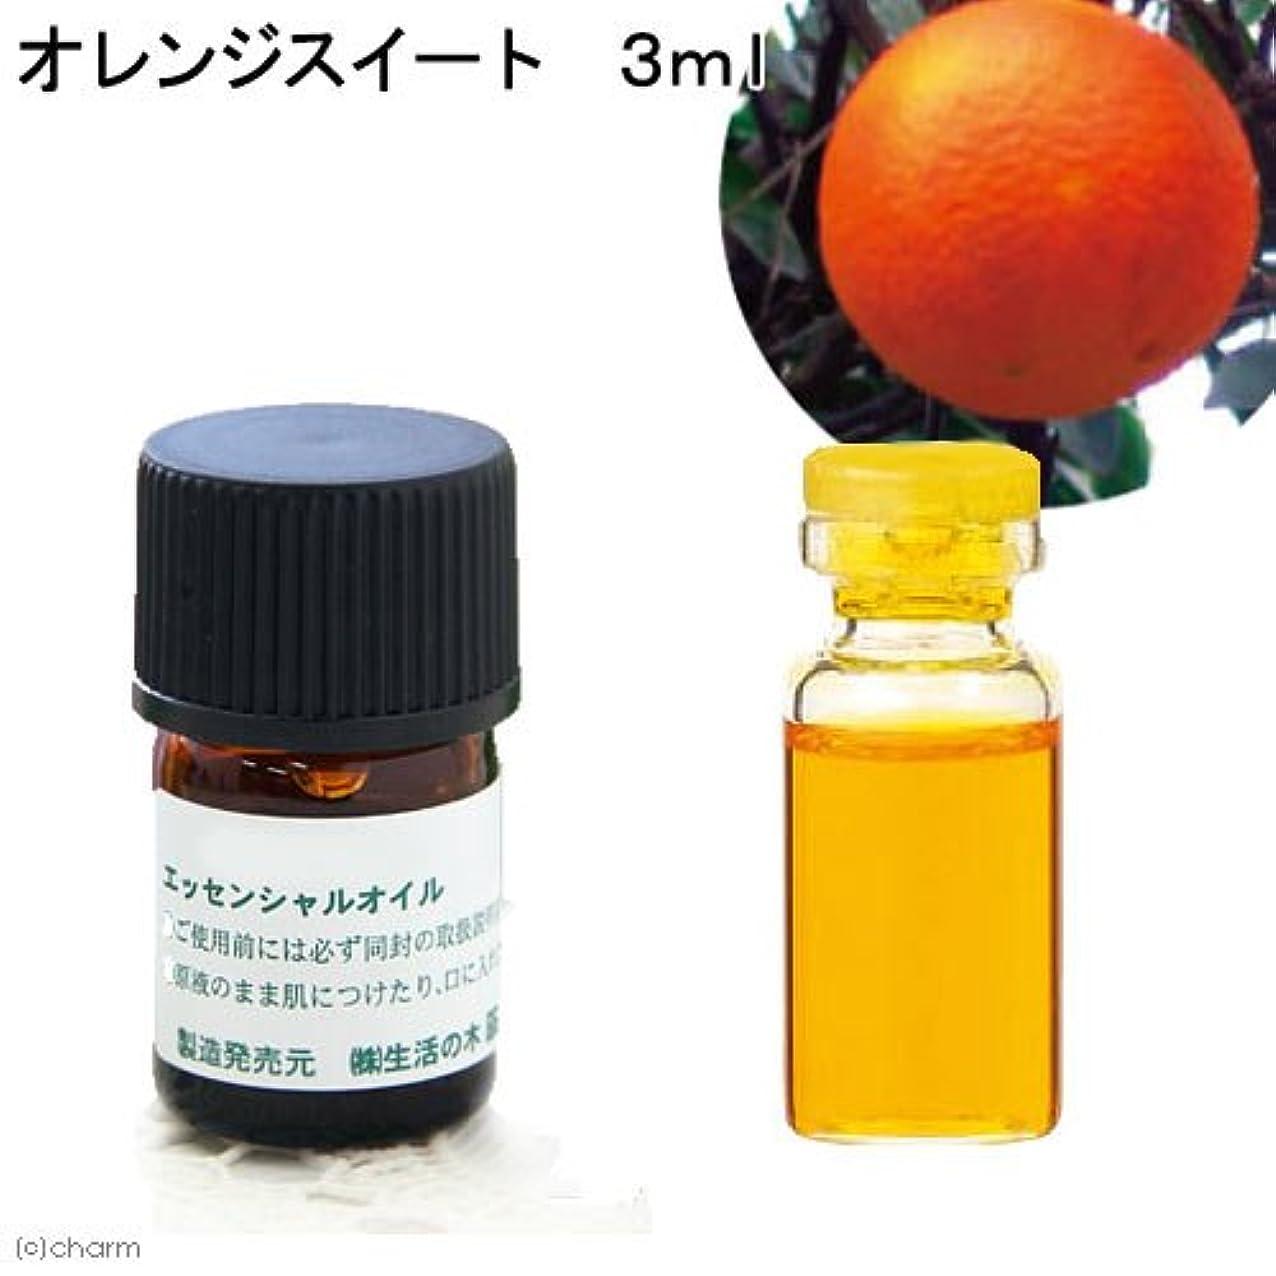 選出する夜義務的生活の木 オレンジスイート 3ml